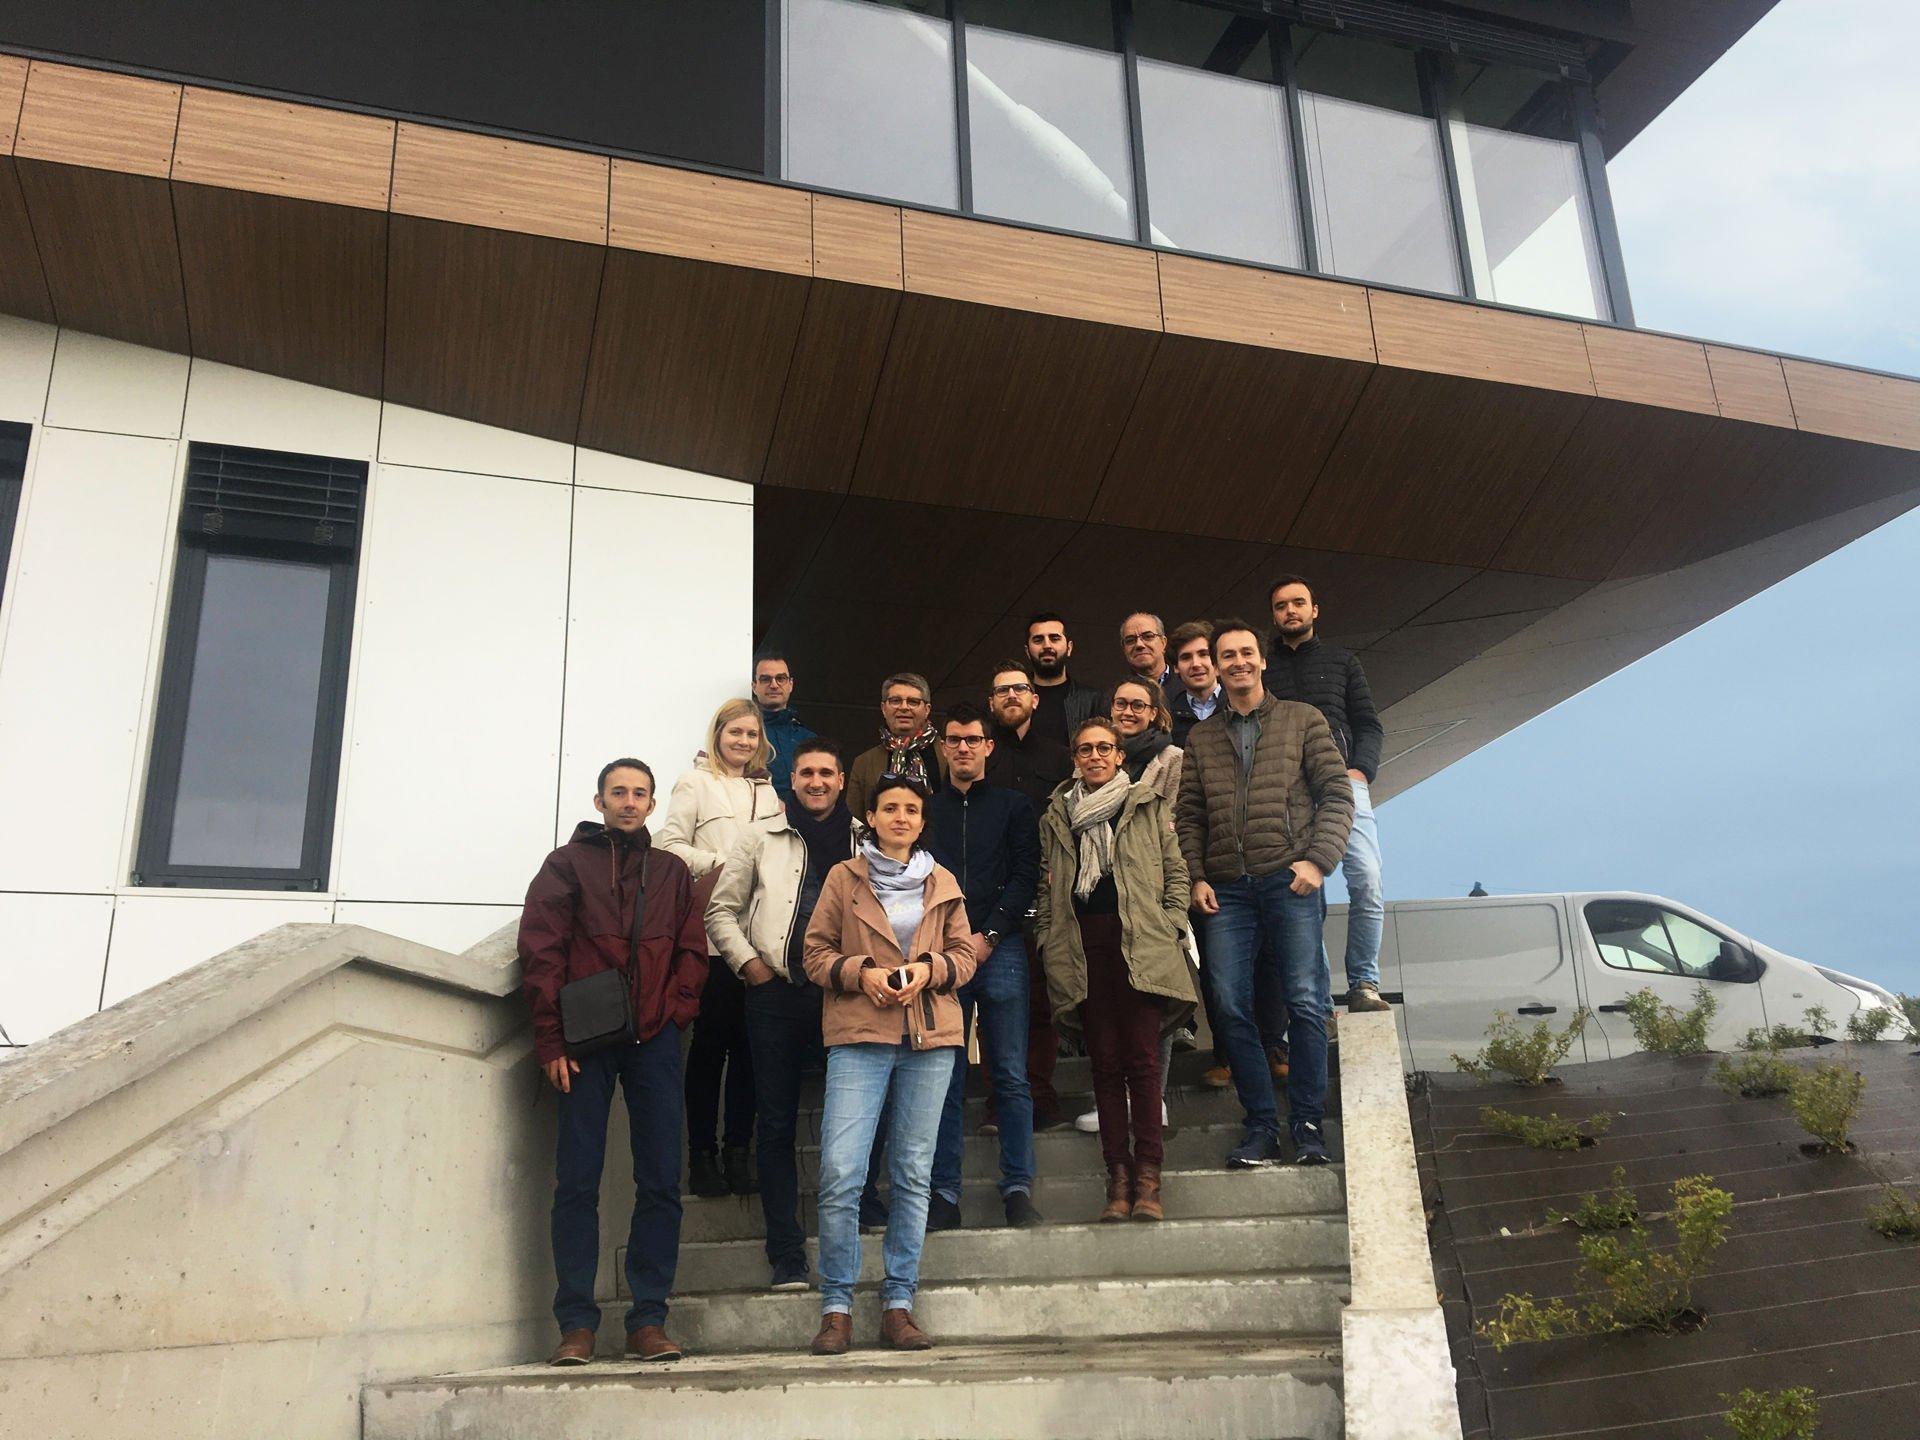 Visite de chantier avec une partie de l'agence sur notre construction d'un centre de dialyse Passivhaus à Saint Priest en Jarez